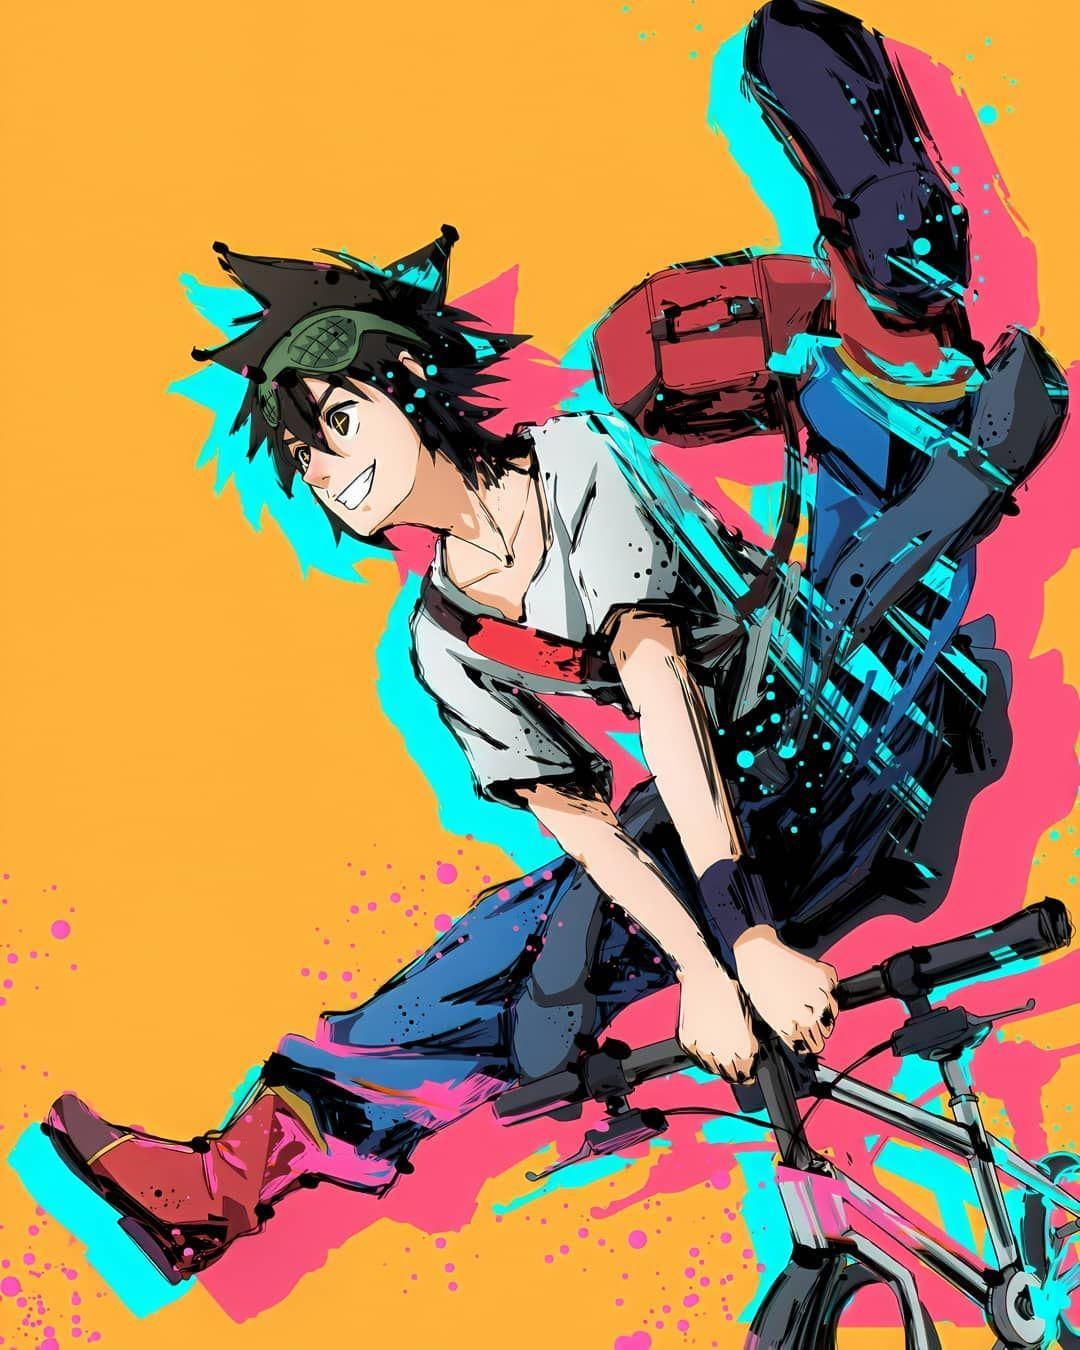 O sucesso de The God of High School, novo anime original